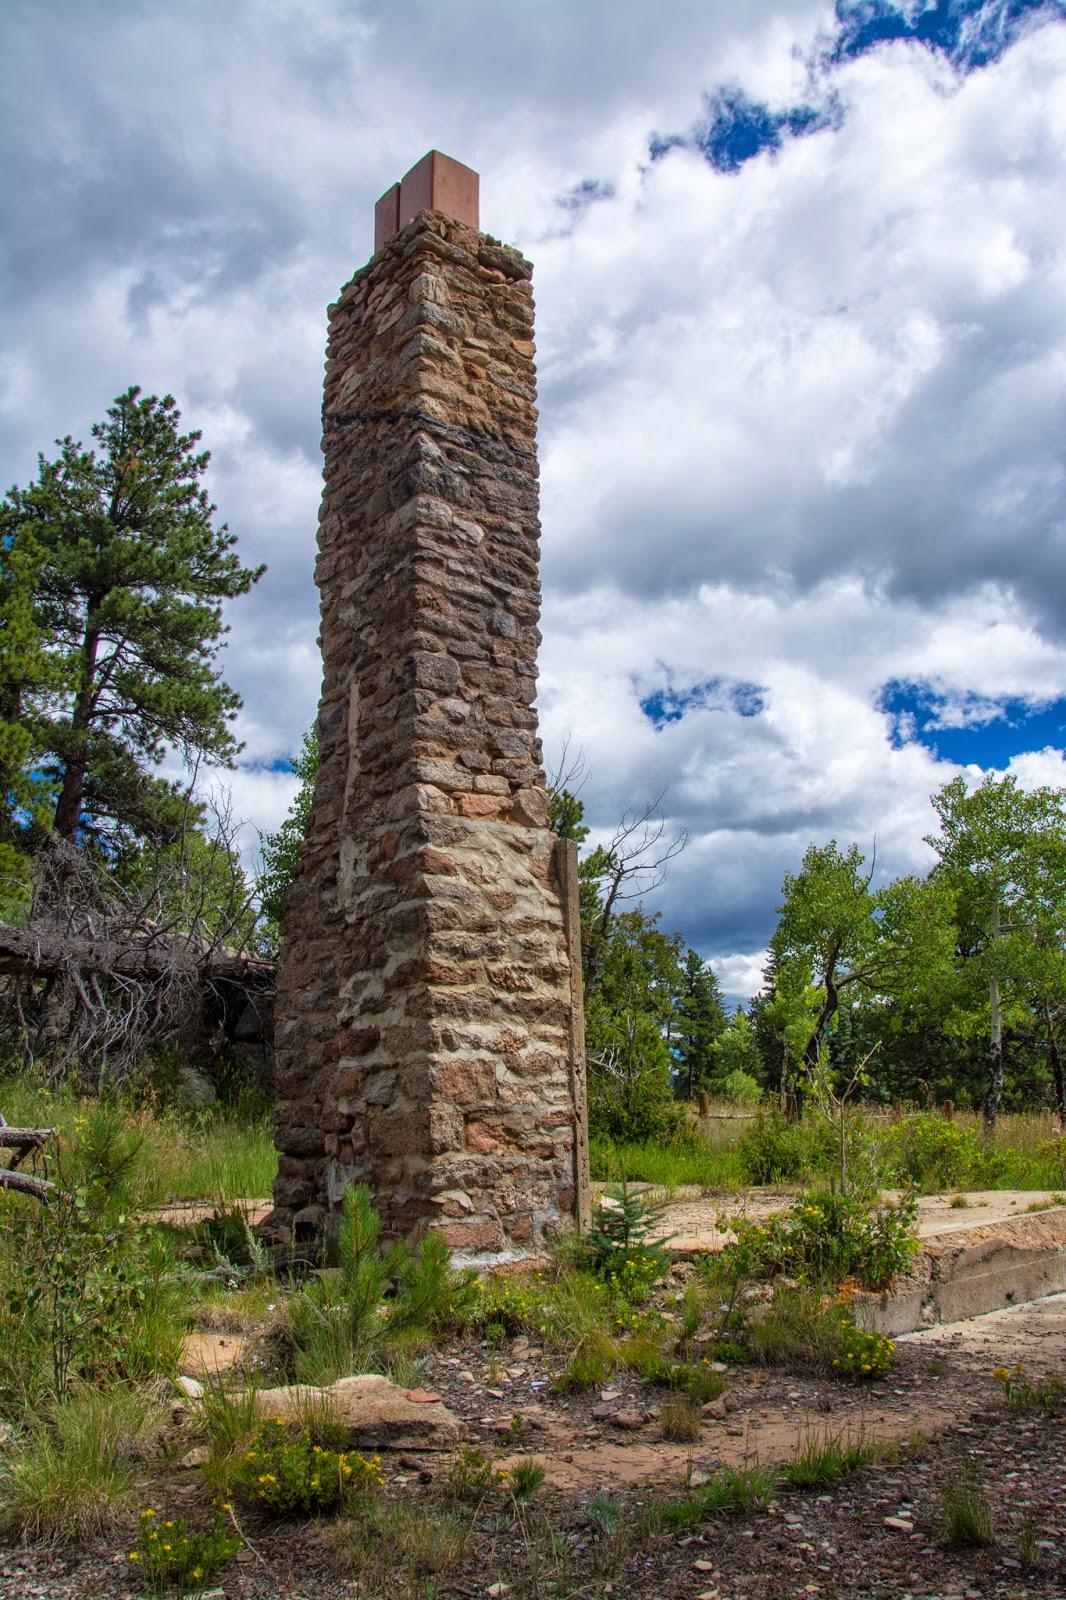 Grassy Creek Trail